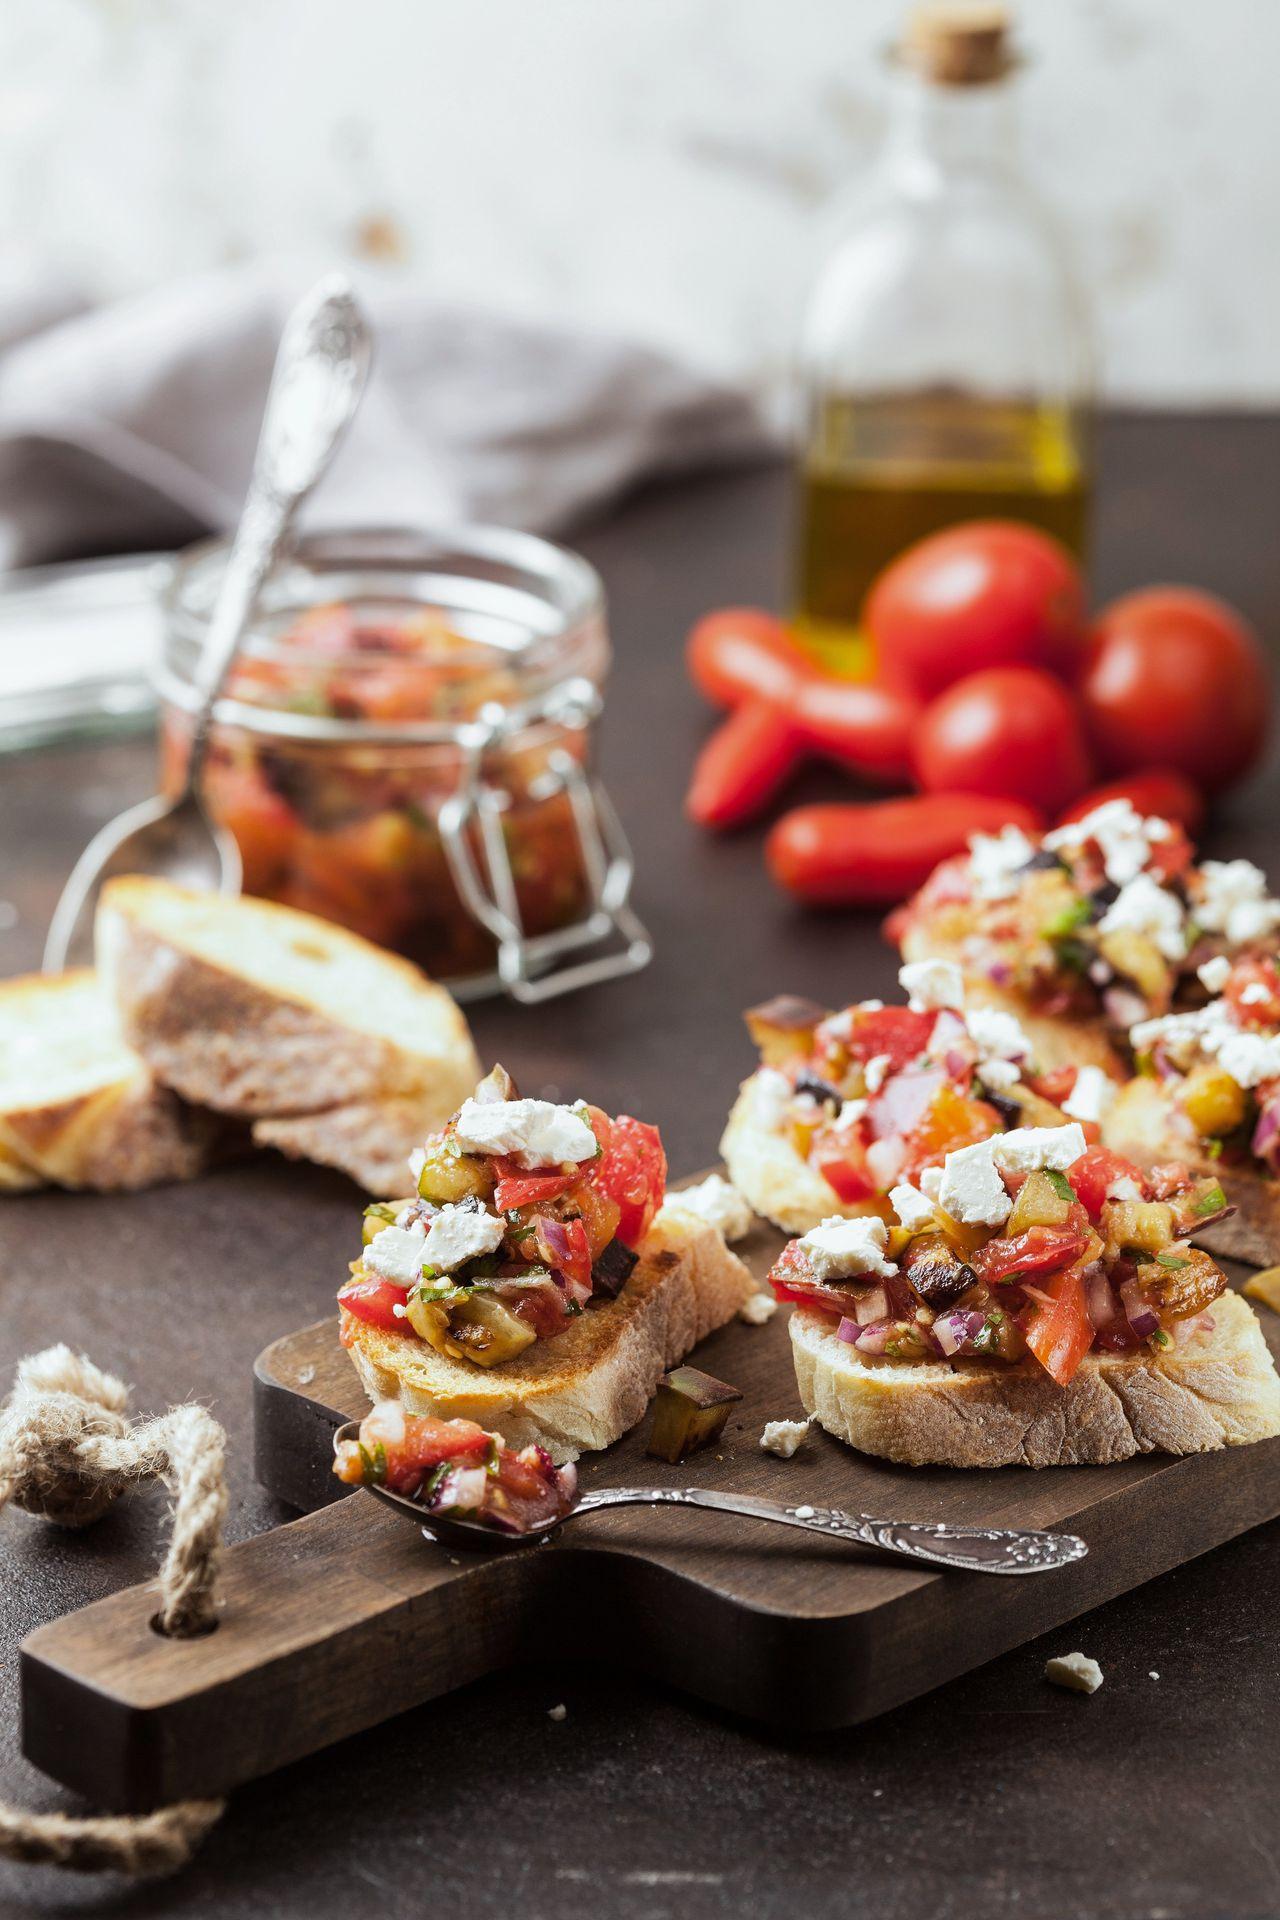 Mediterrane etenswaar.